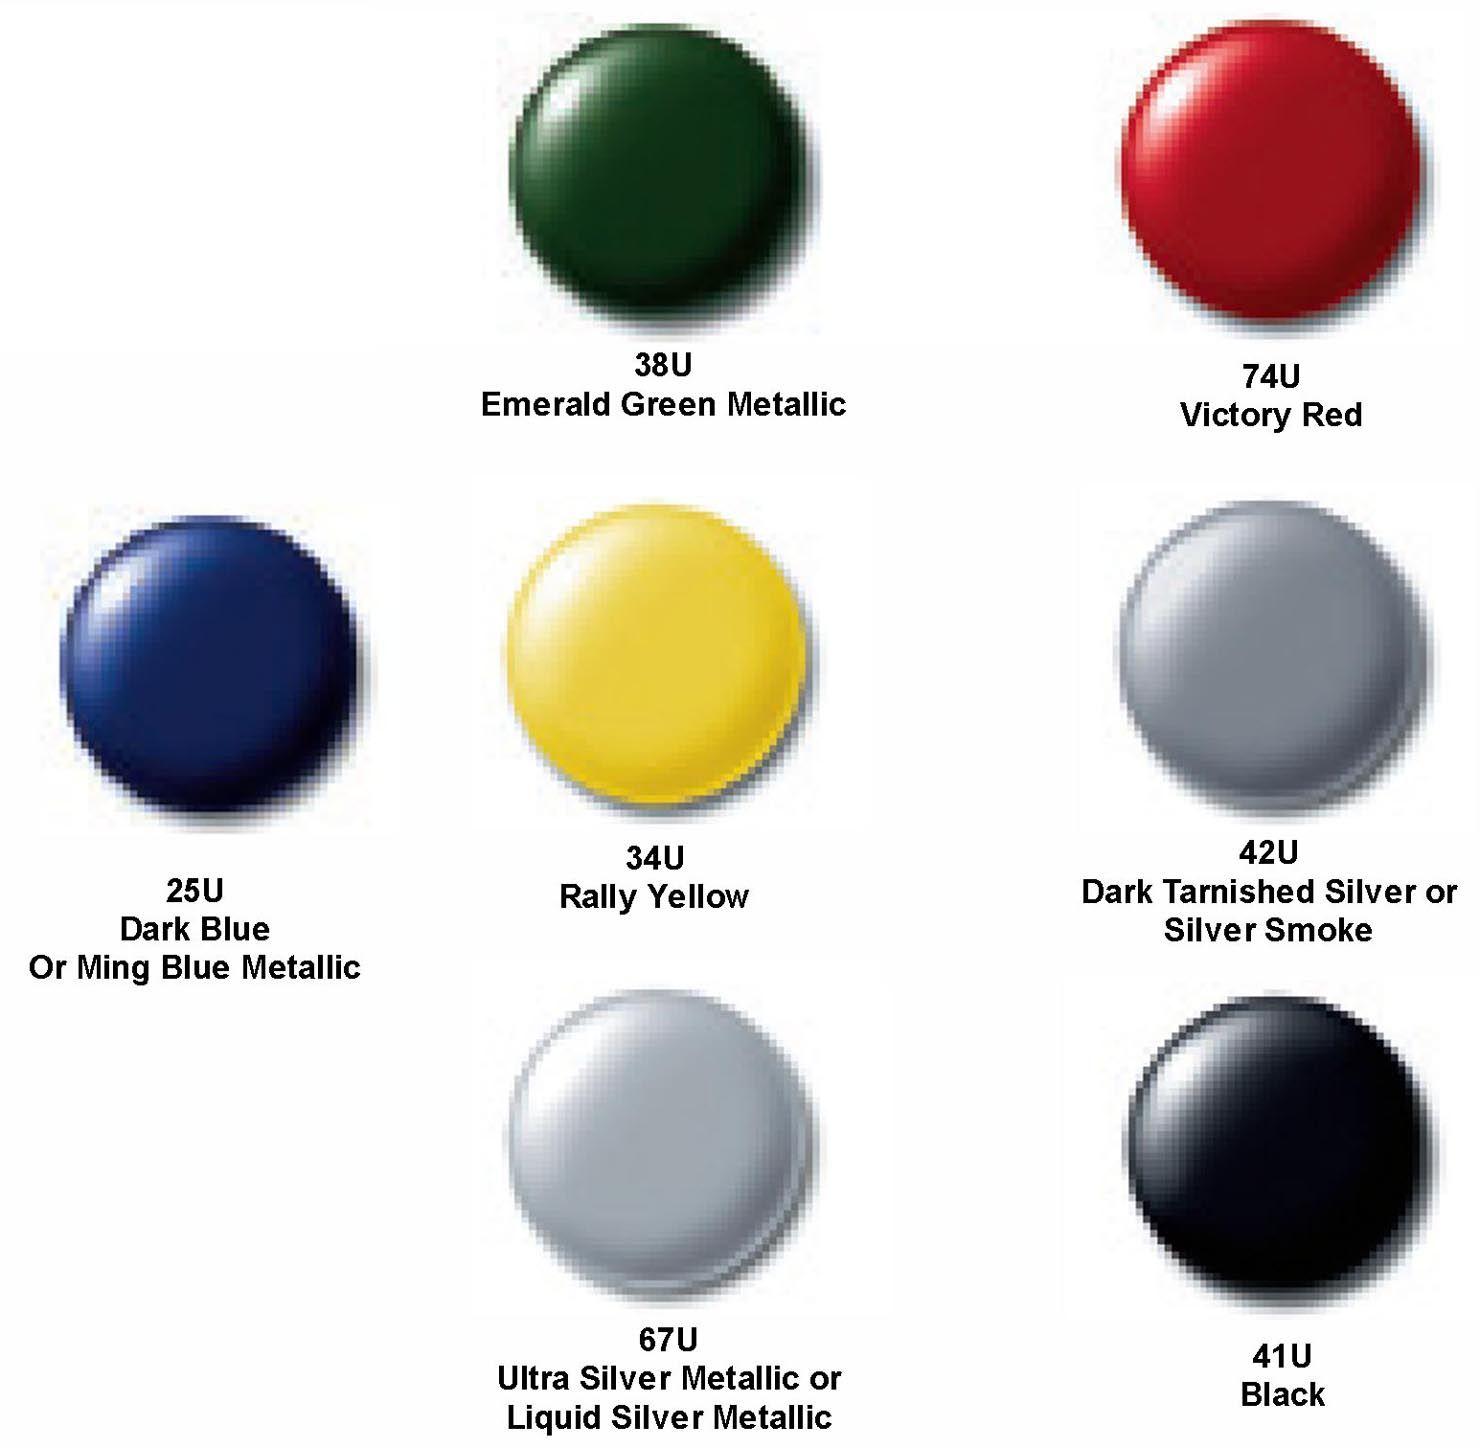 Gm Color Chips Color Chip Of All 7 Colors Auto Paint Colors Codes Pinterest Auto Paint